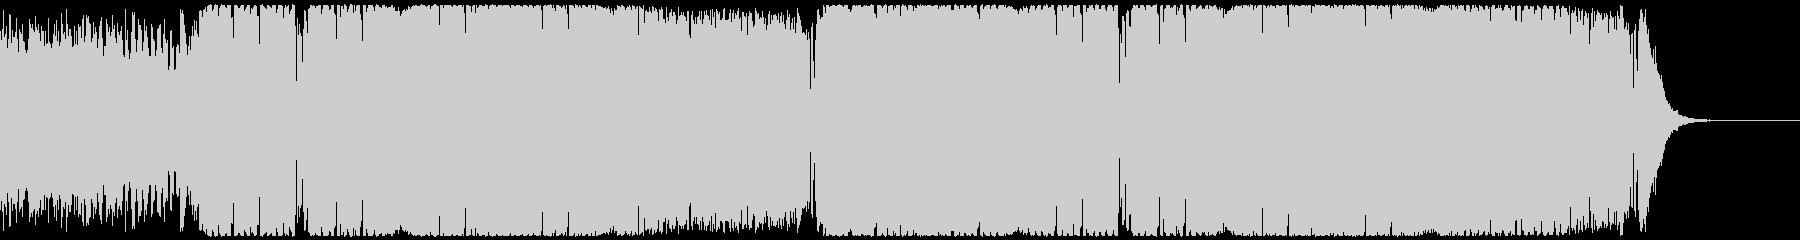 パワフルでエキサイティングなEDMの未再生の波形